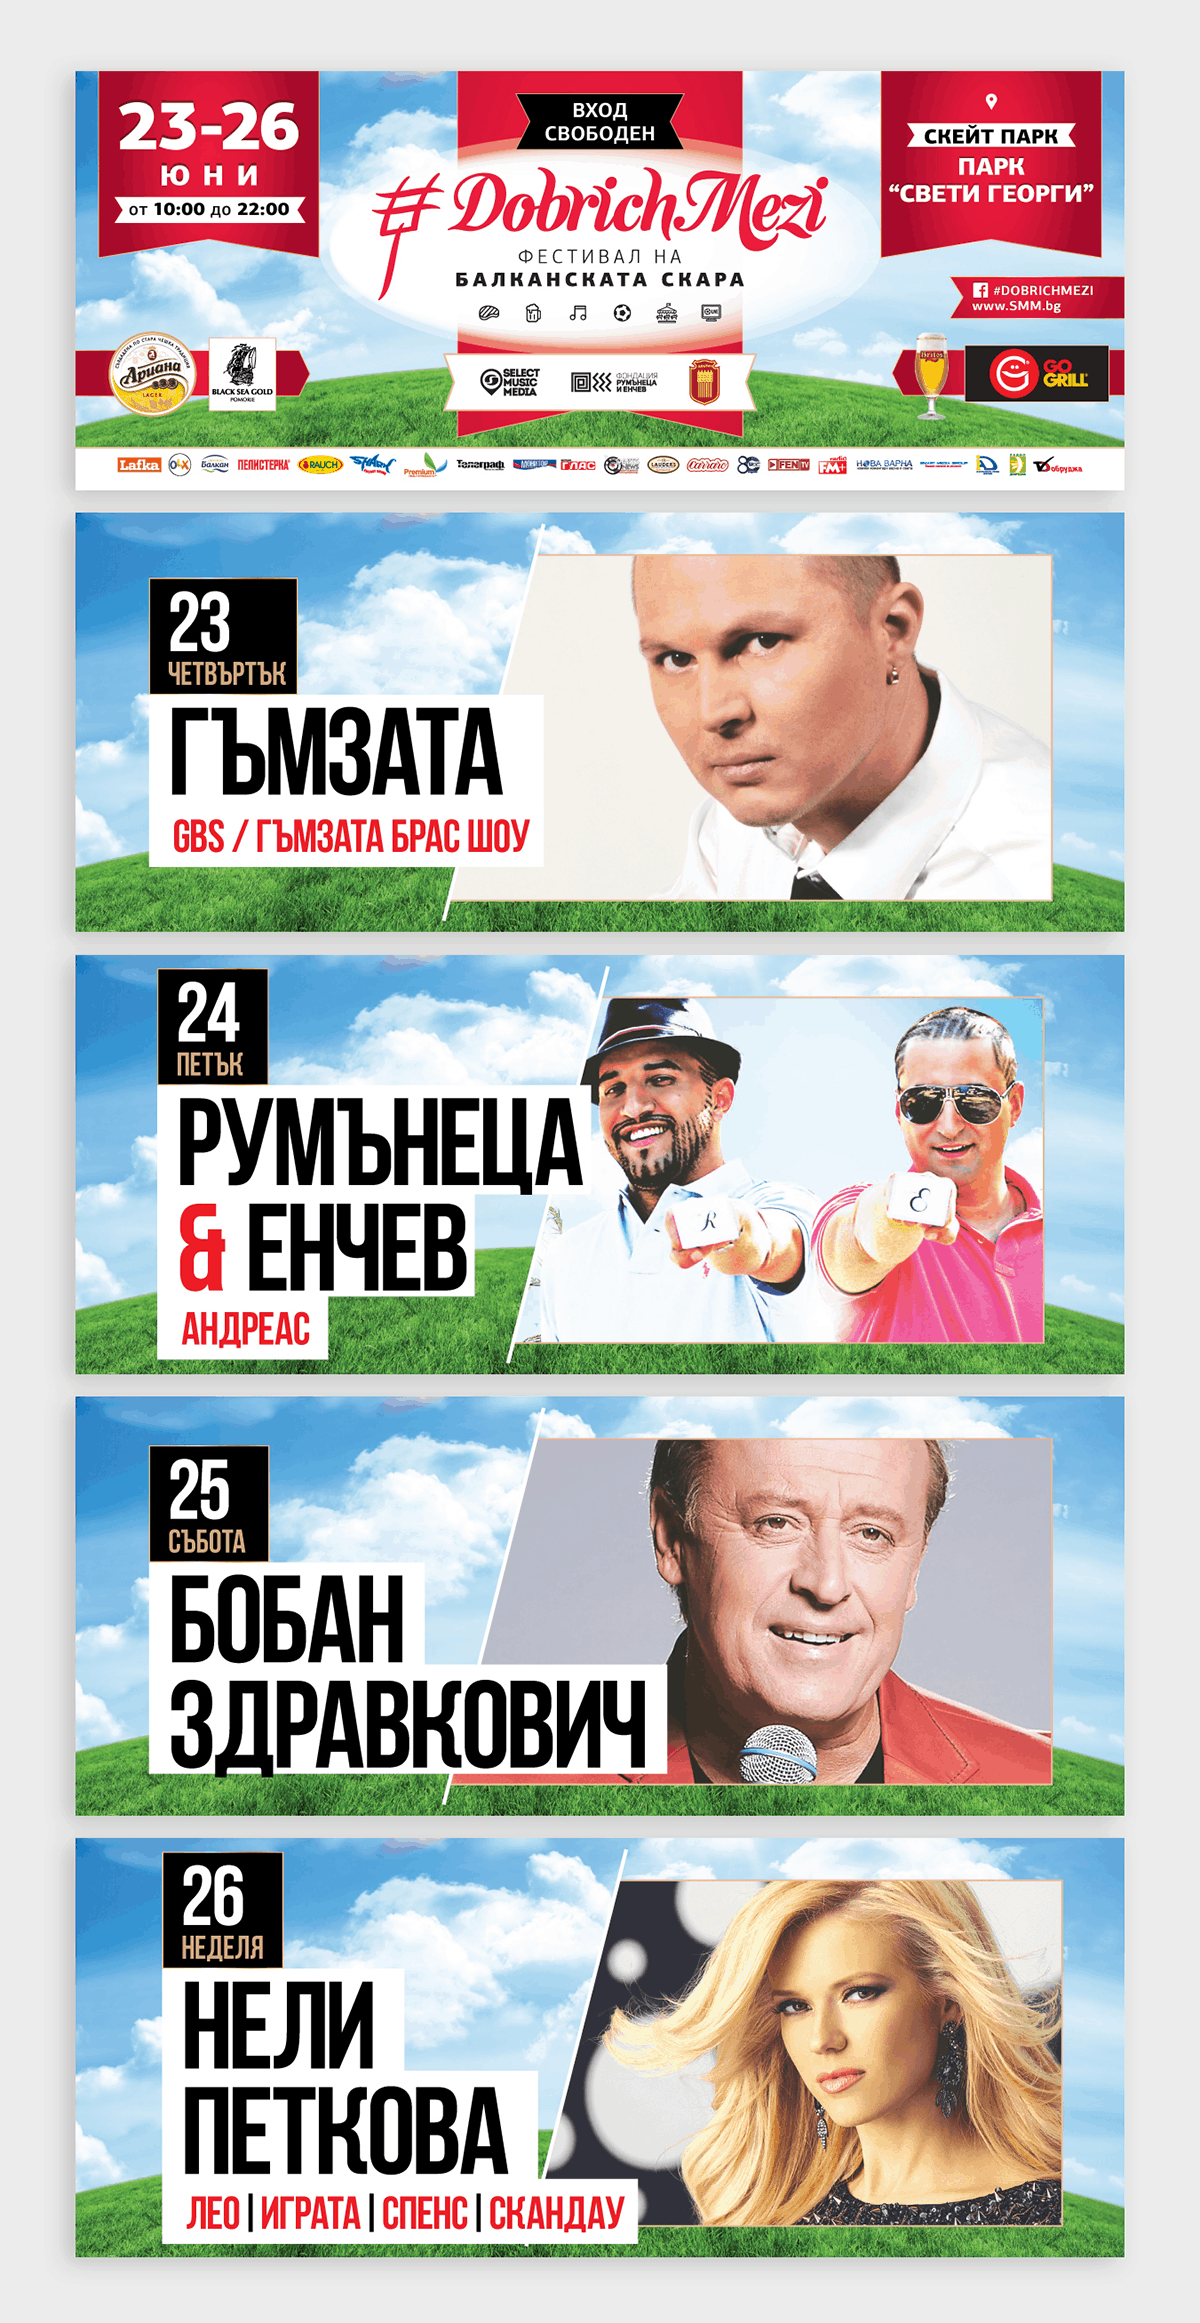 лого, билборд и плакат дизайн и брандинг на фестивал софия мези от Muse Creativity 12